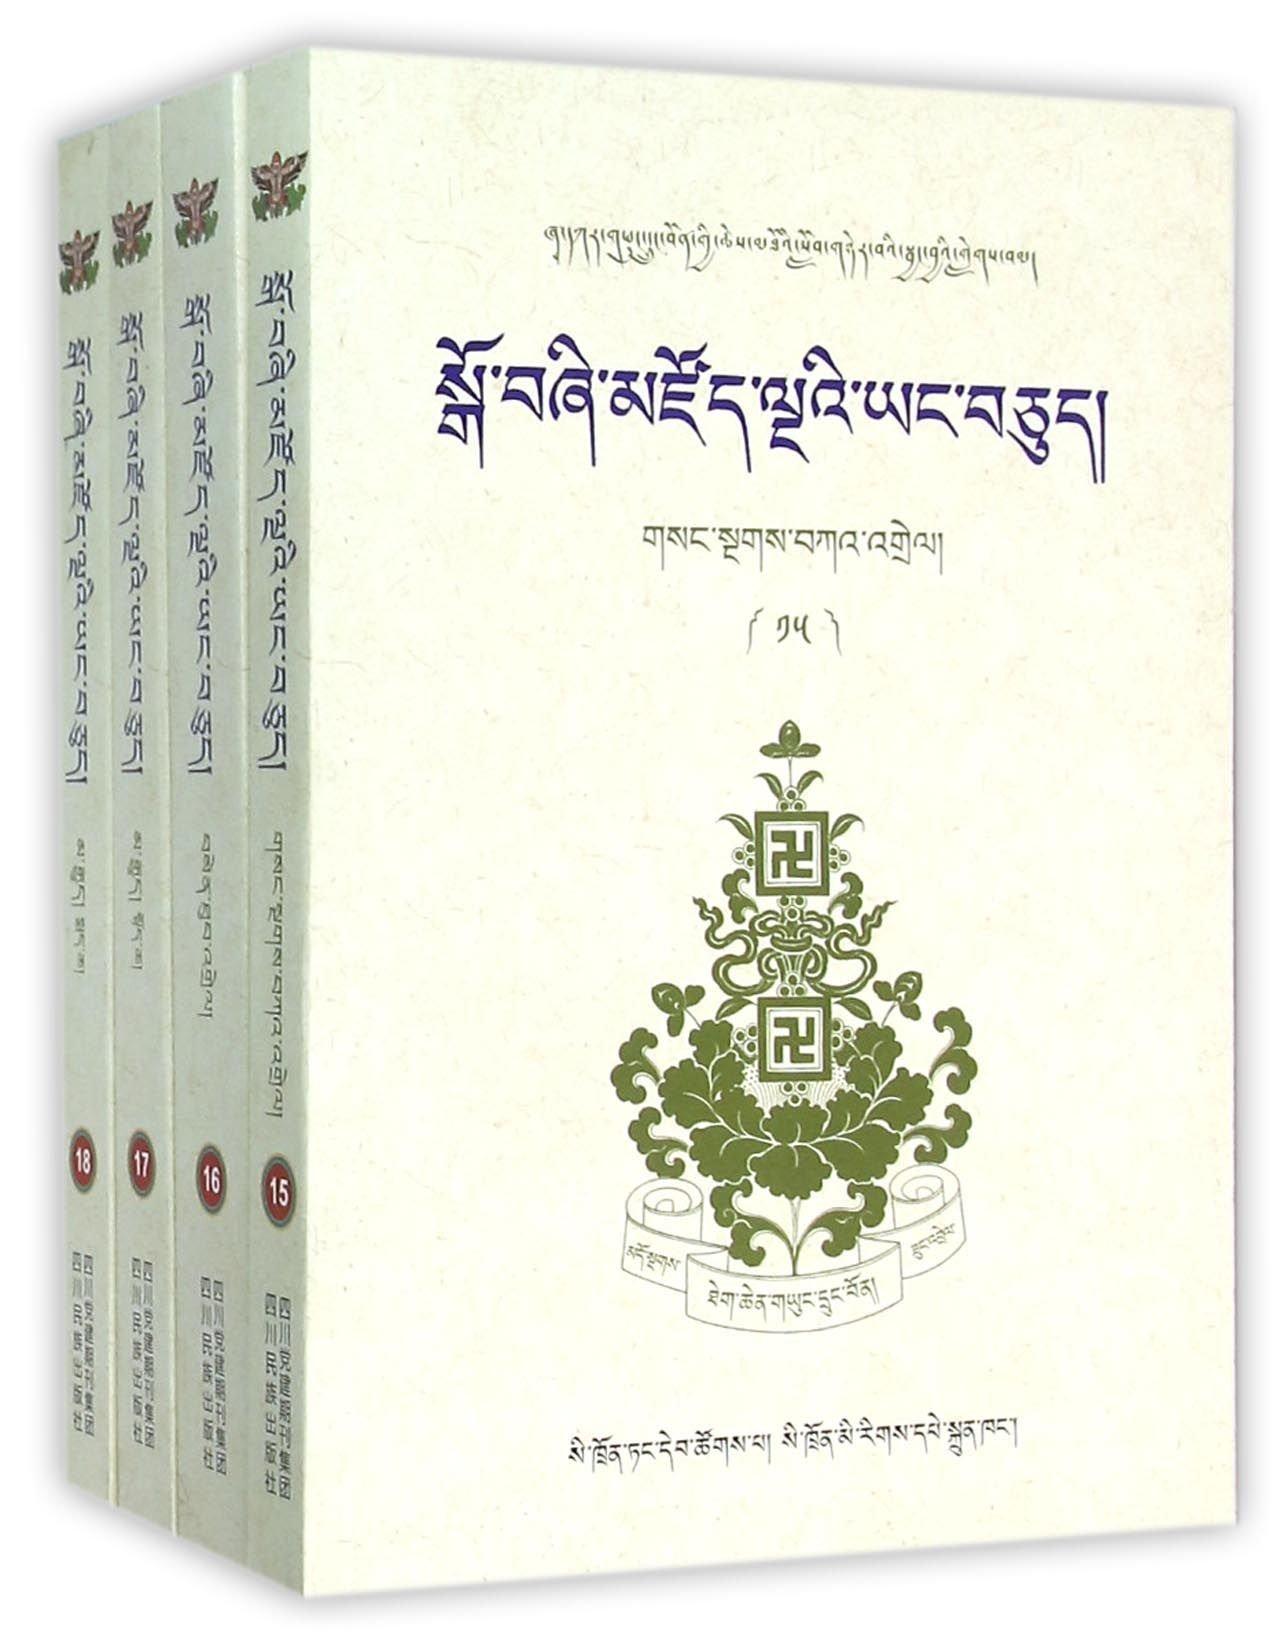 密乘论(15-18卷共4册)(藏文版)/藏族典籍精选 PDF